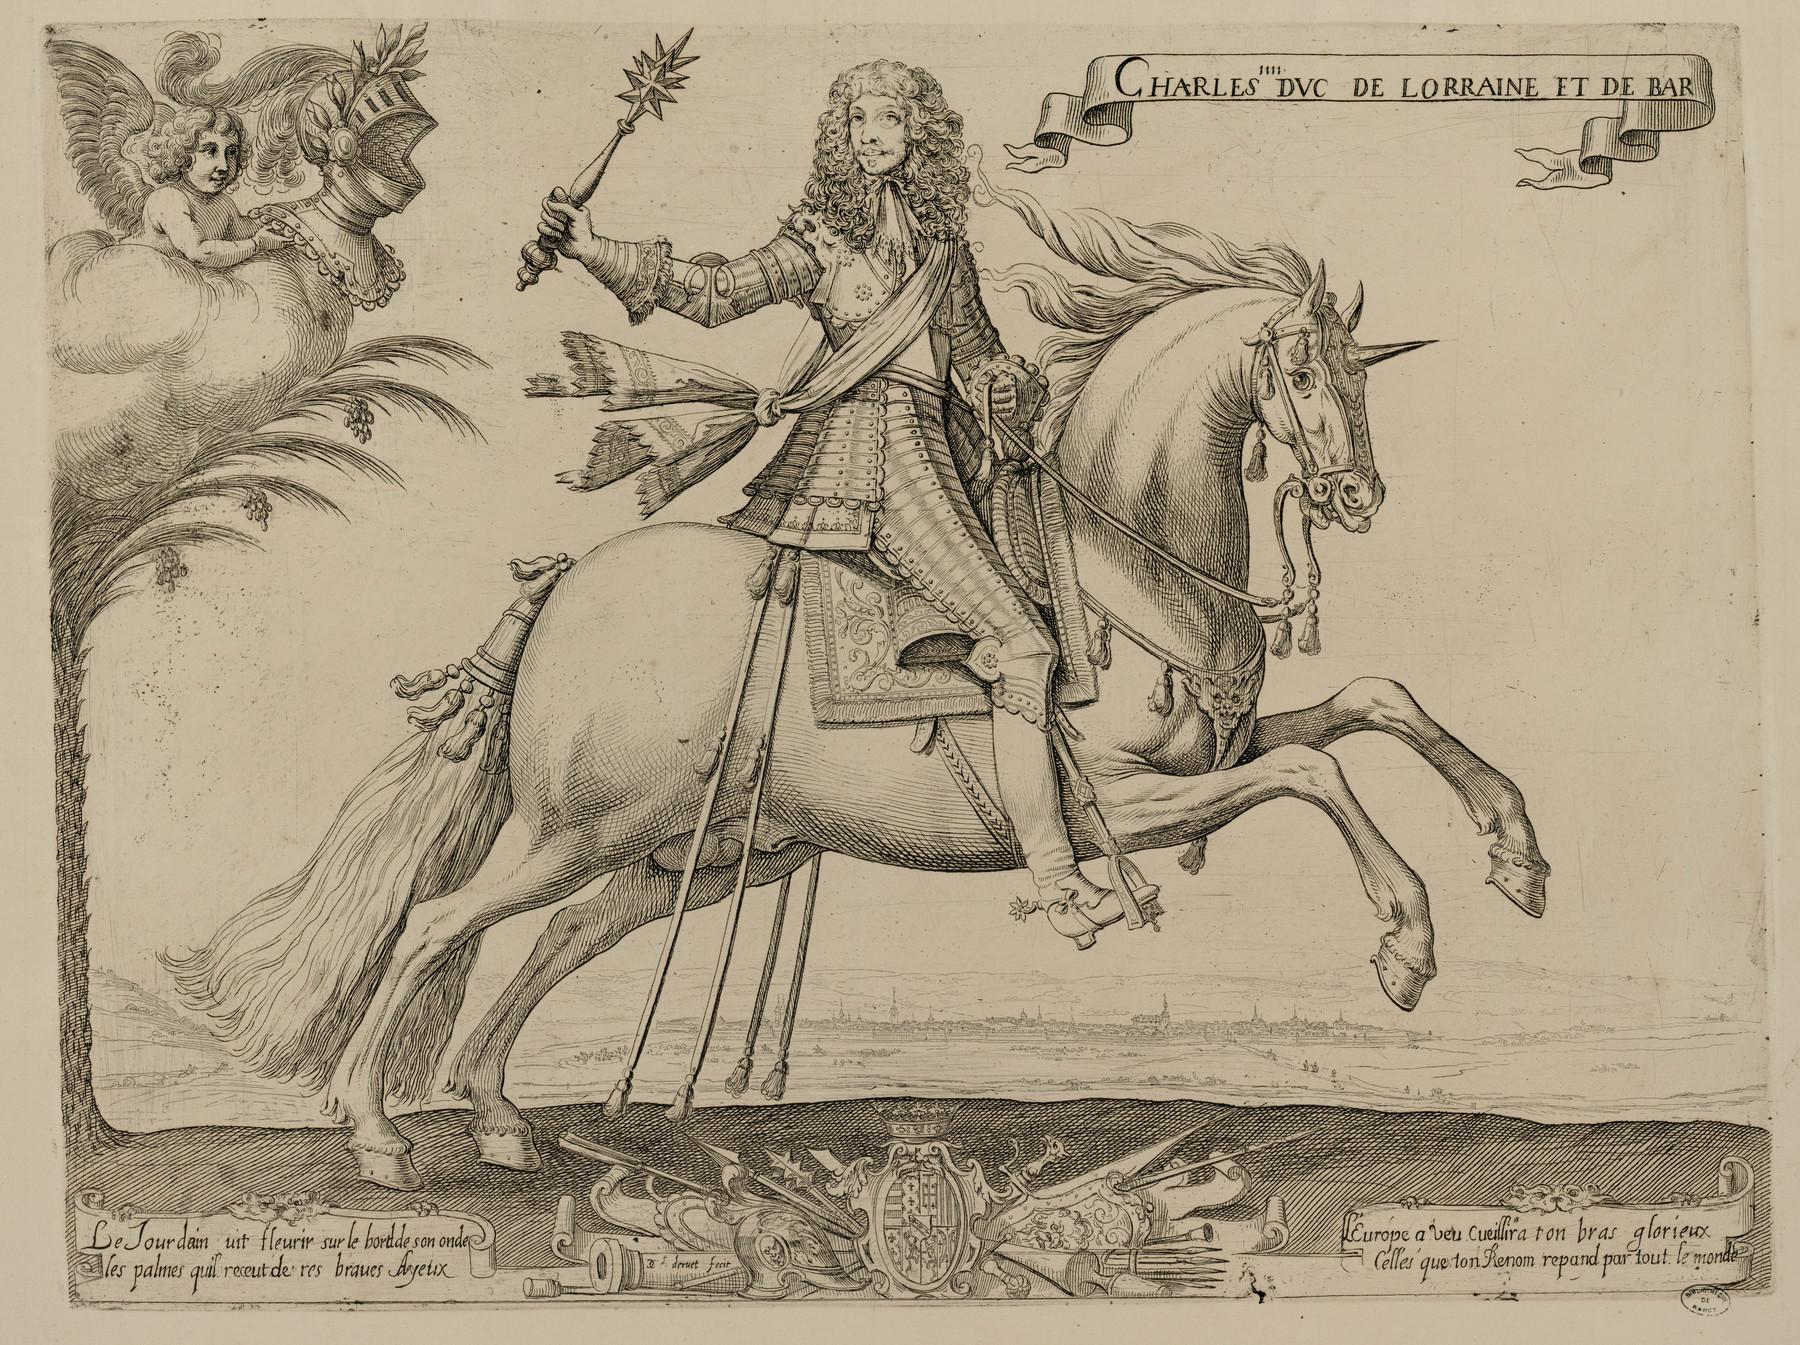 Contenu du Charles IIII [IV] duc de Lorraine et de Bar